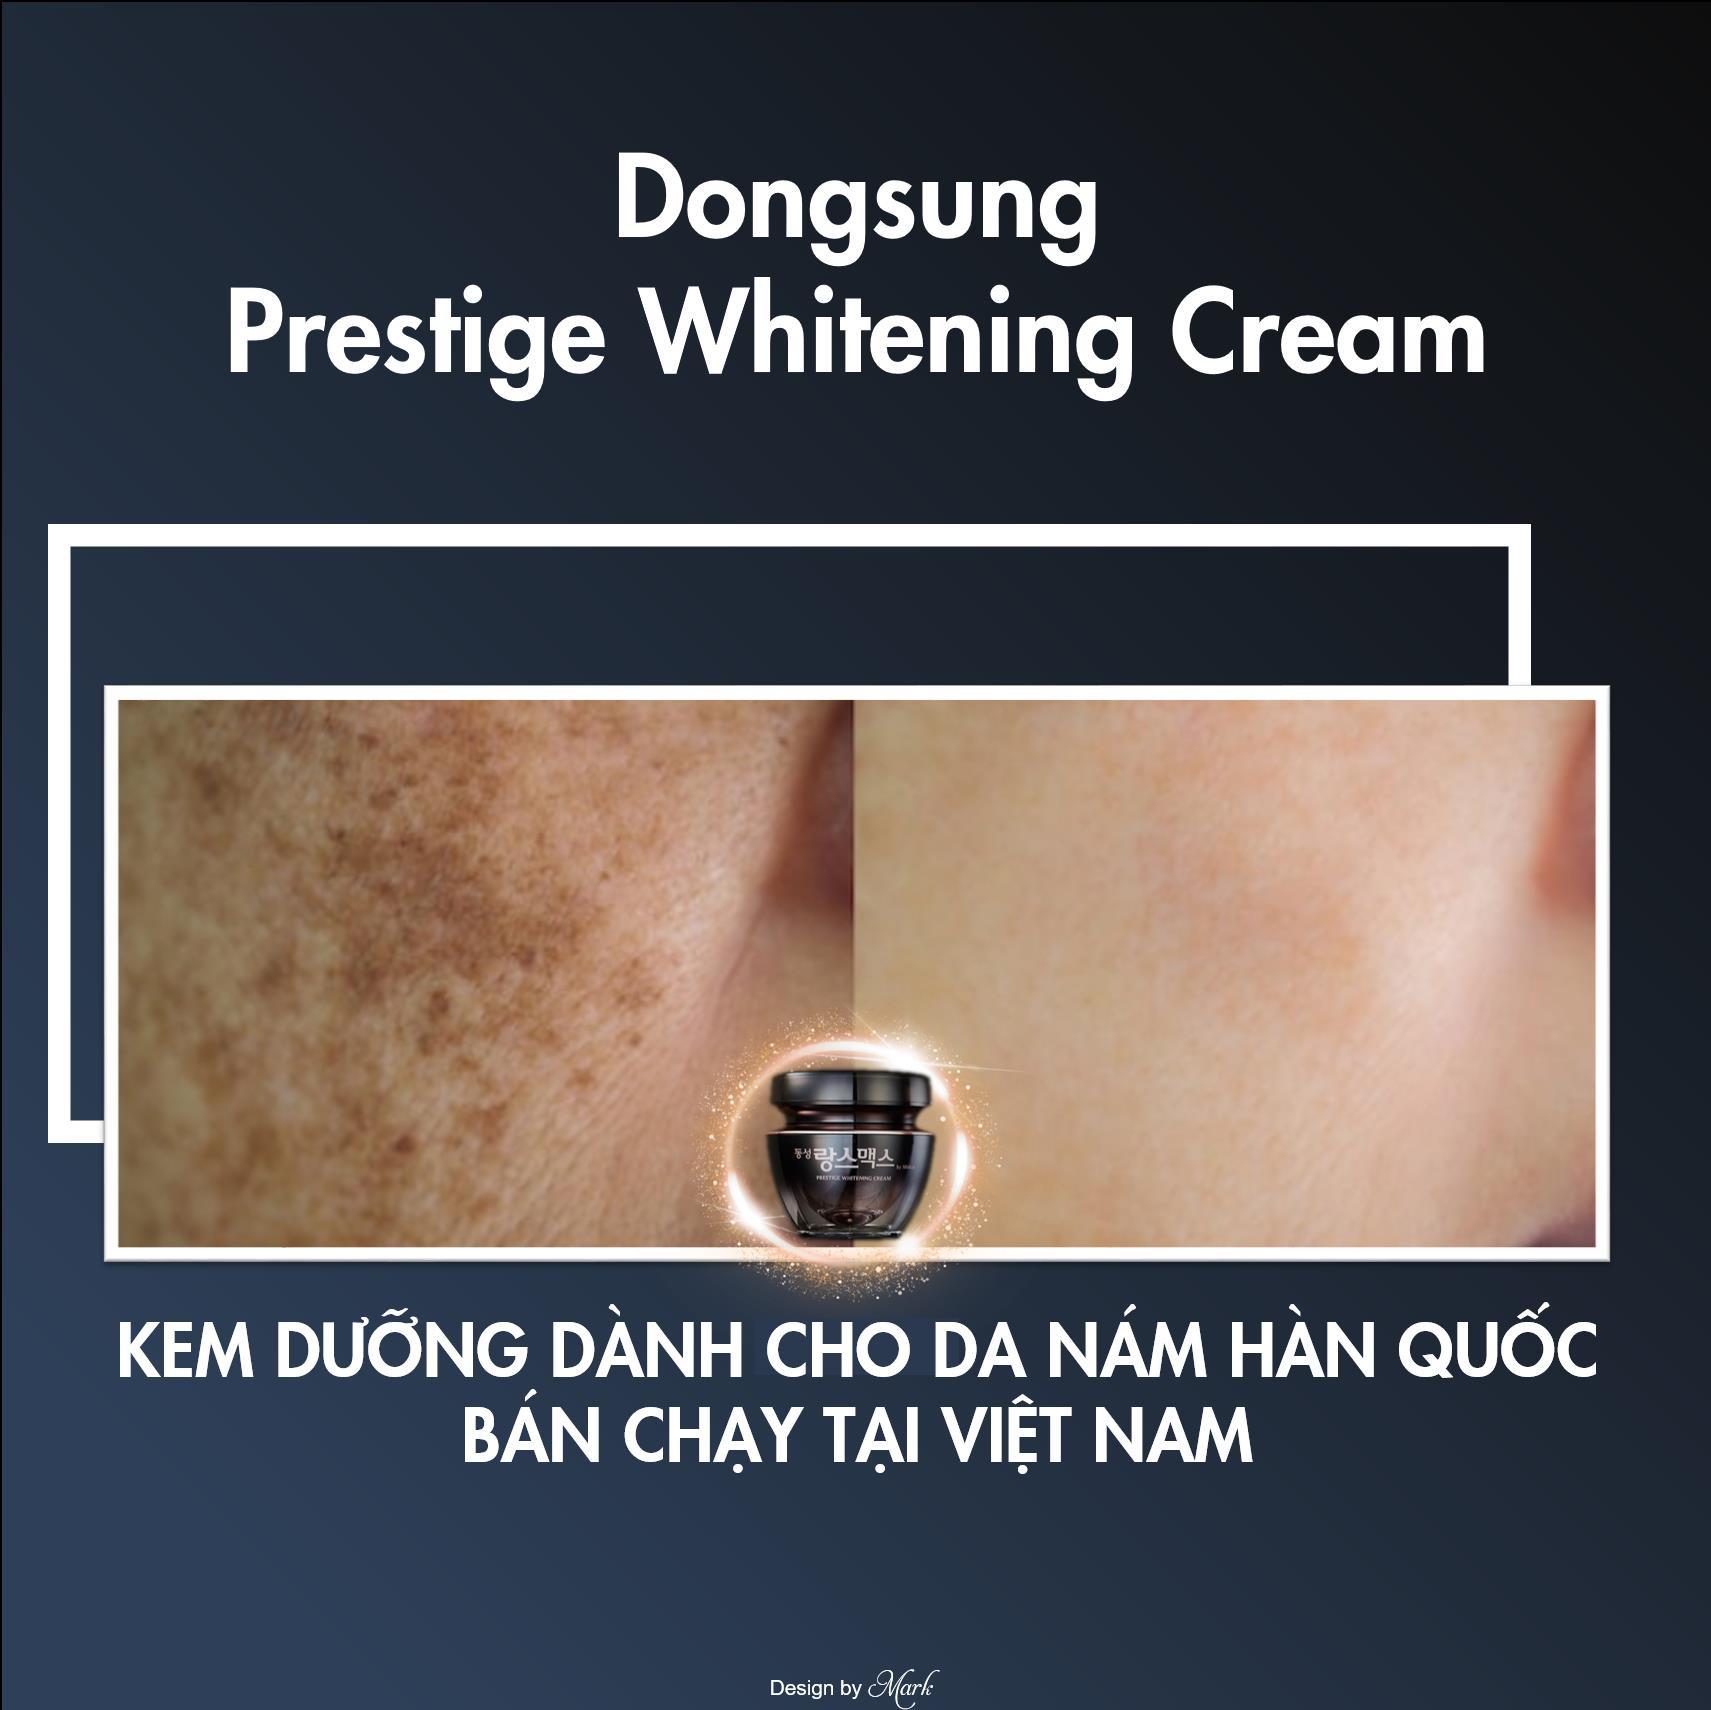 Chưa 30 mà đã có nám chi chít, thử ngay Dongsung Presitege Whitening Cream để thấy sự khác biệt - Ảnh 1.